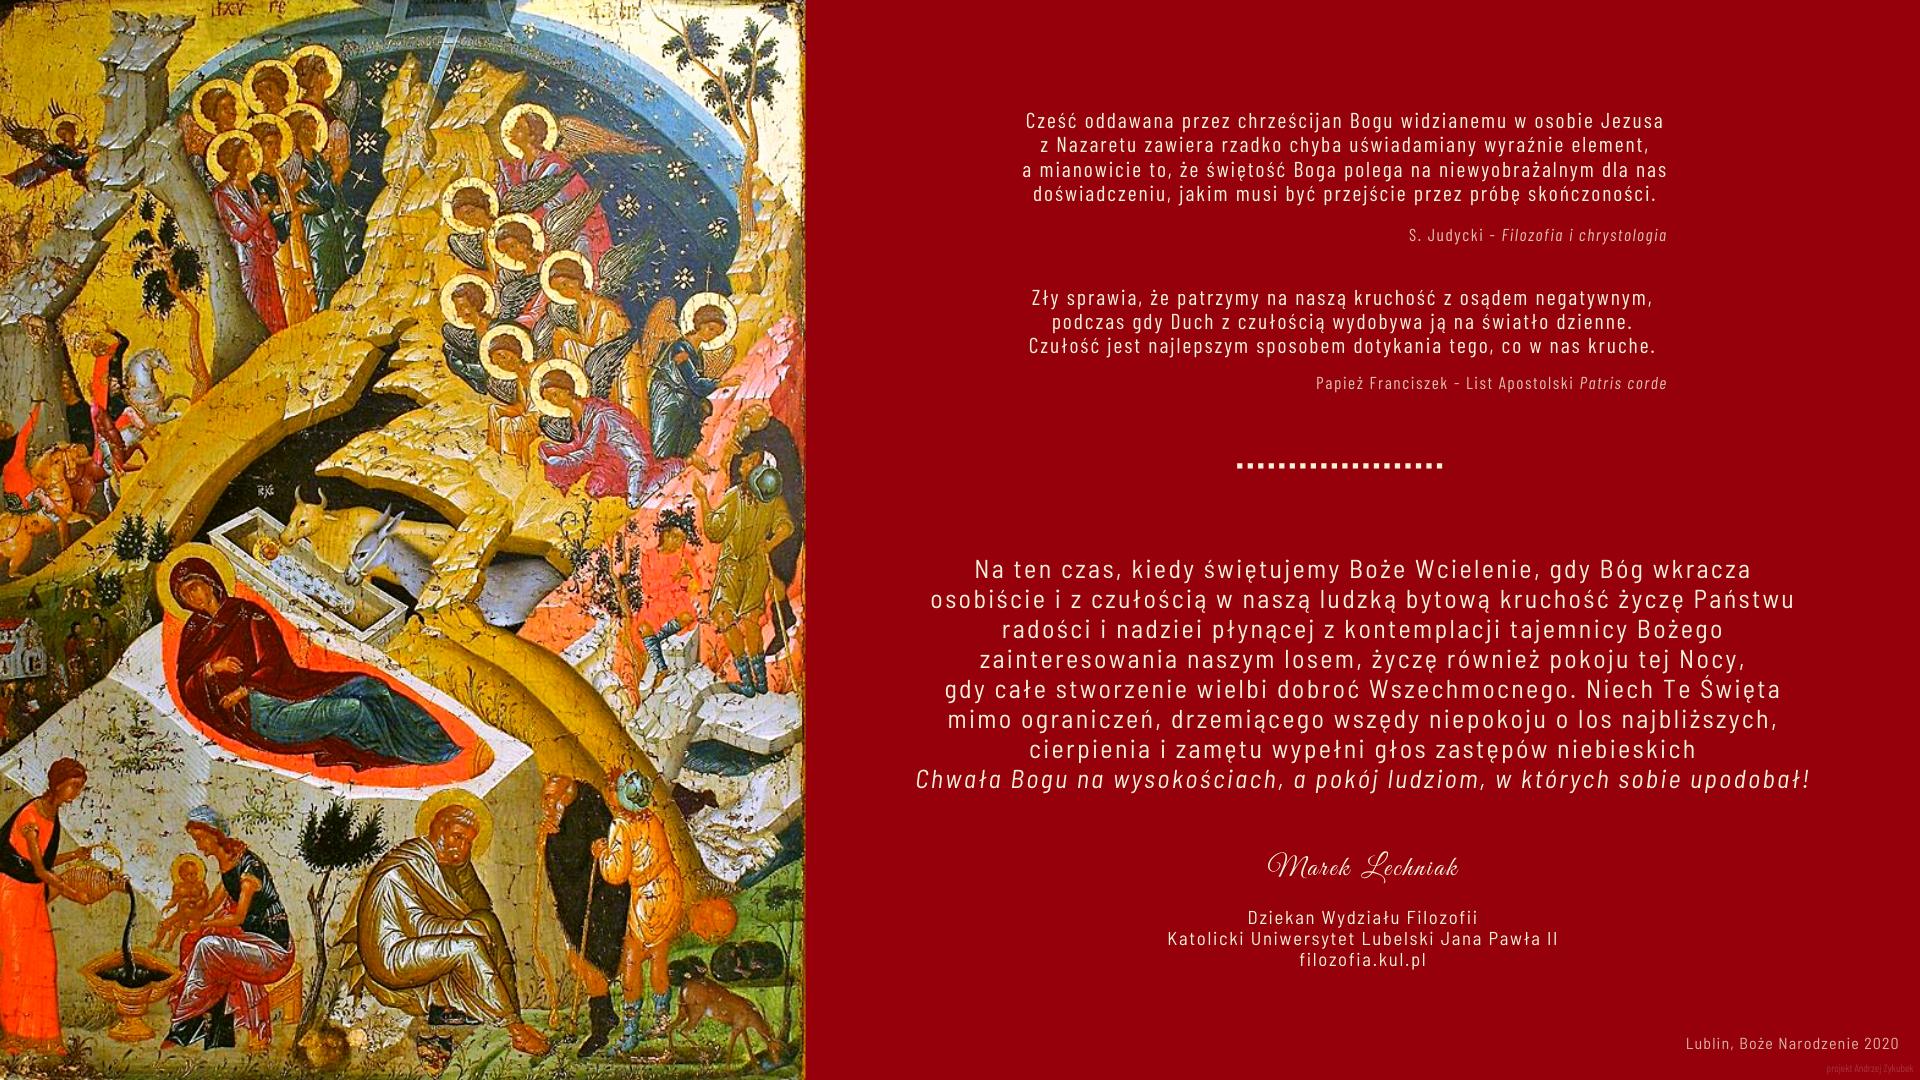 Na ten czas, kiedy świętujemy Boże Wcielenie - życzenia Dziekana Wydziału Filozofii